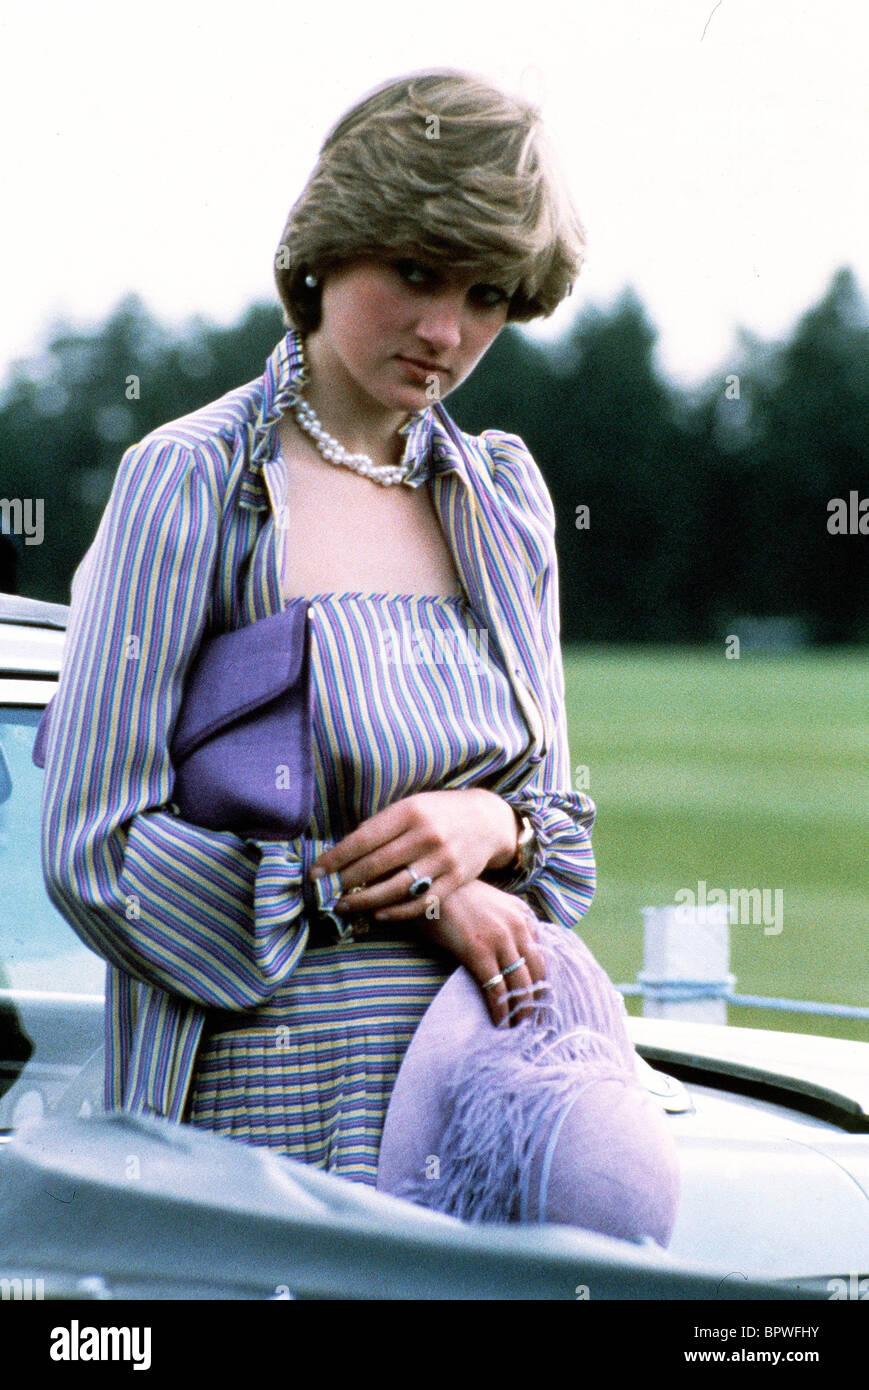 PRINCESS DIANA PRINCESS OF WALES 01 June 1981 - Stock Image